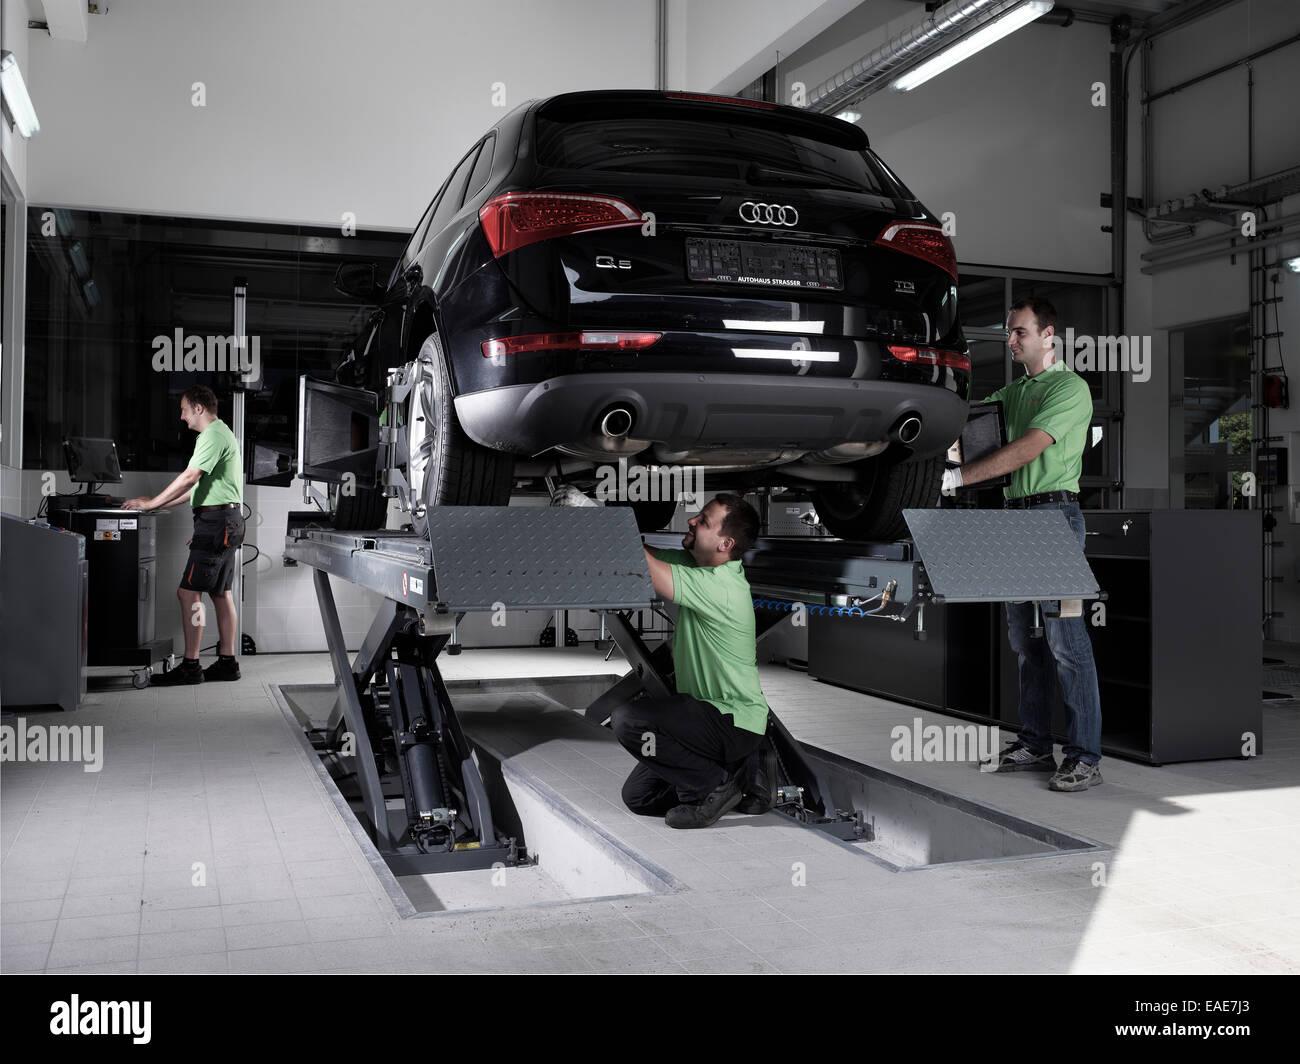 Mitarbeiter Montage Platten Rad Ausrichtungen, VW Strasser, Volkswagen Auto verfolgen reparieren Shop, St.Gertraudi, Stockbild